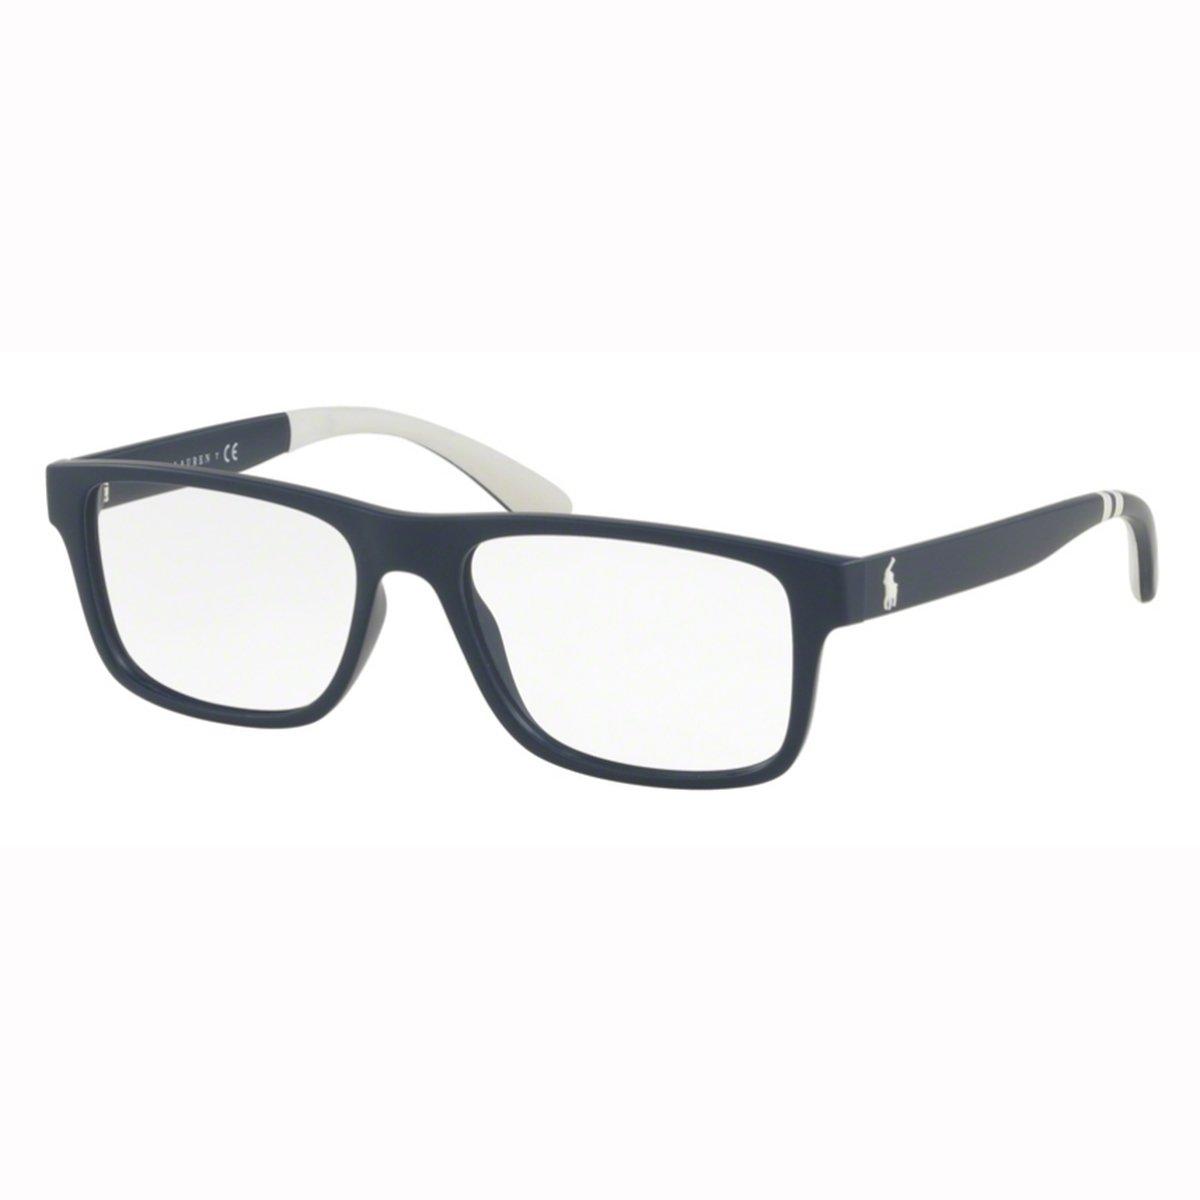 Compre Óculos de Grau Polo Ralph Lauren em 10X  5ce028c405e